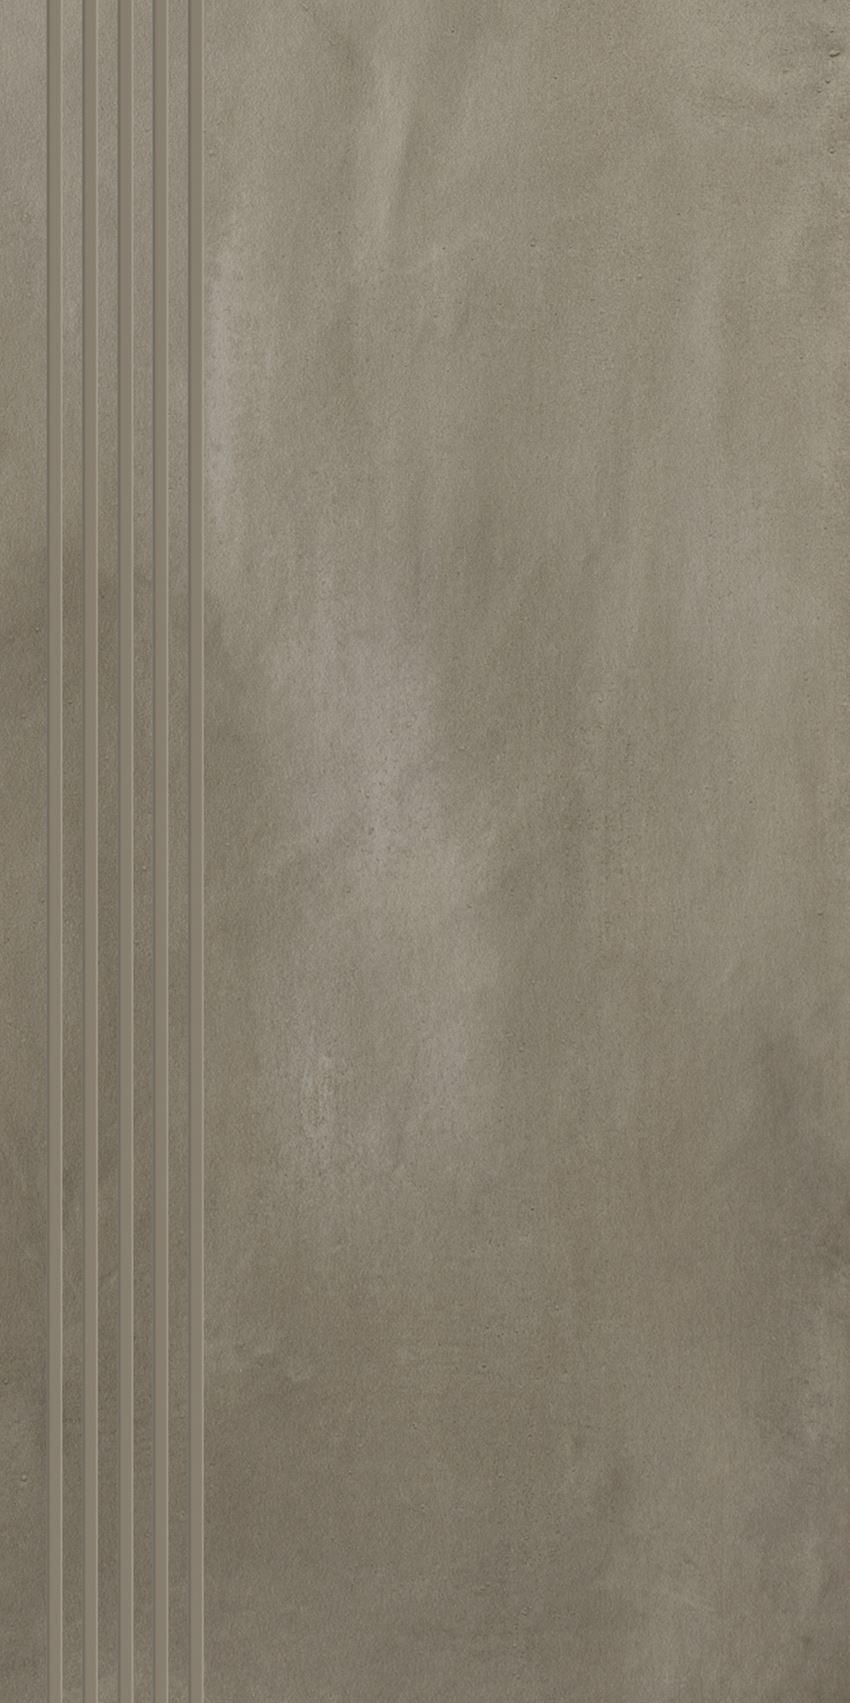 Płytka stopnicowa 29,8x59,8 cm Paradyż Tigua Grys Stopnica Prosta Nacinana Mat